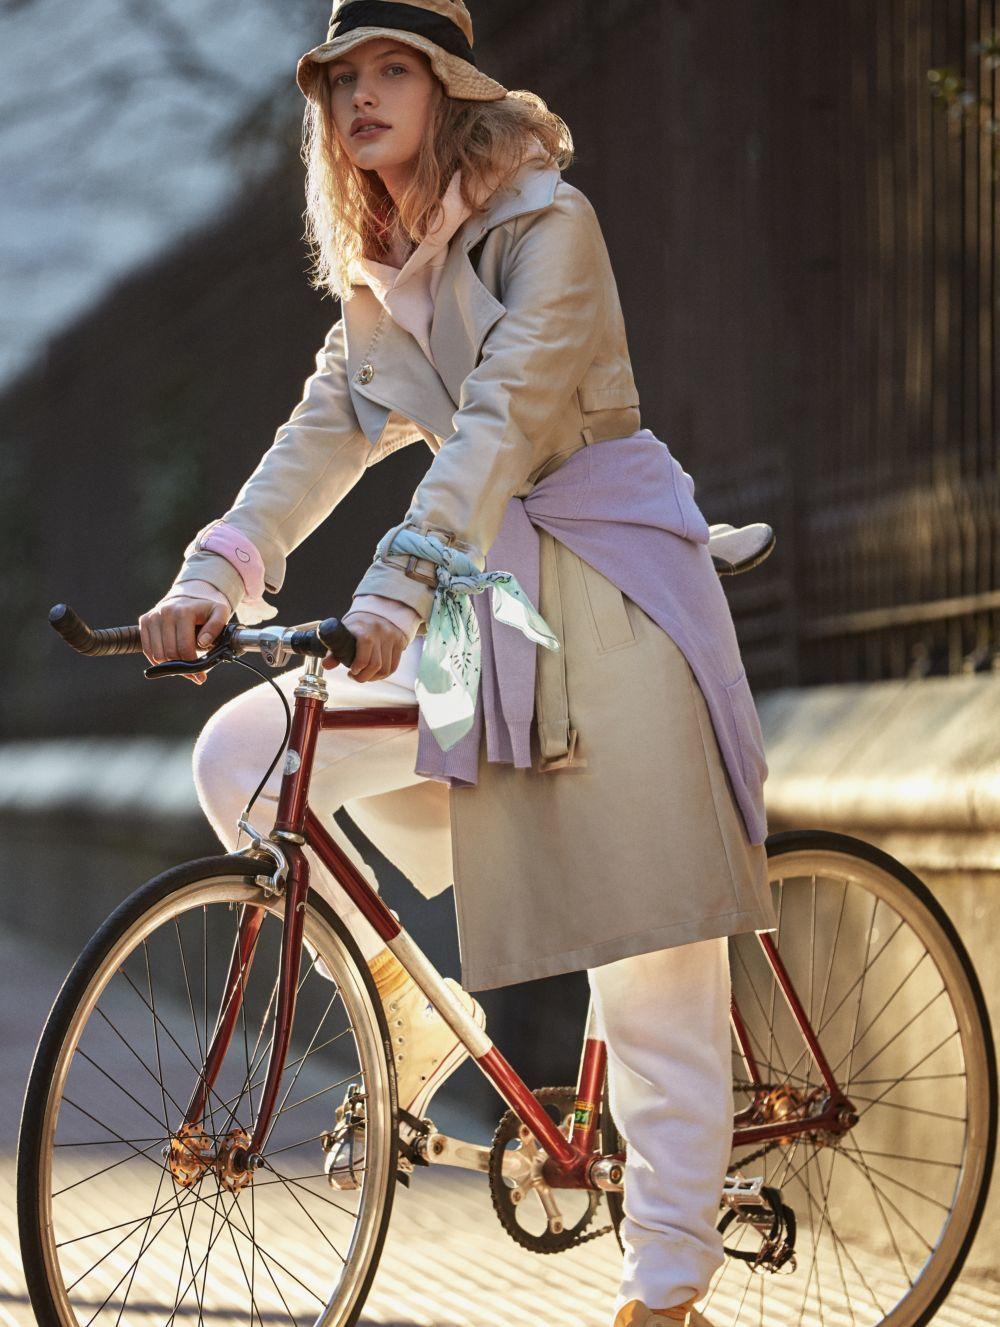 Hacer ejercicio regularmente, fundamental para prevenir las enfermedades cardiovasculares.